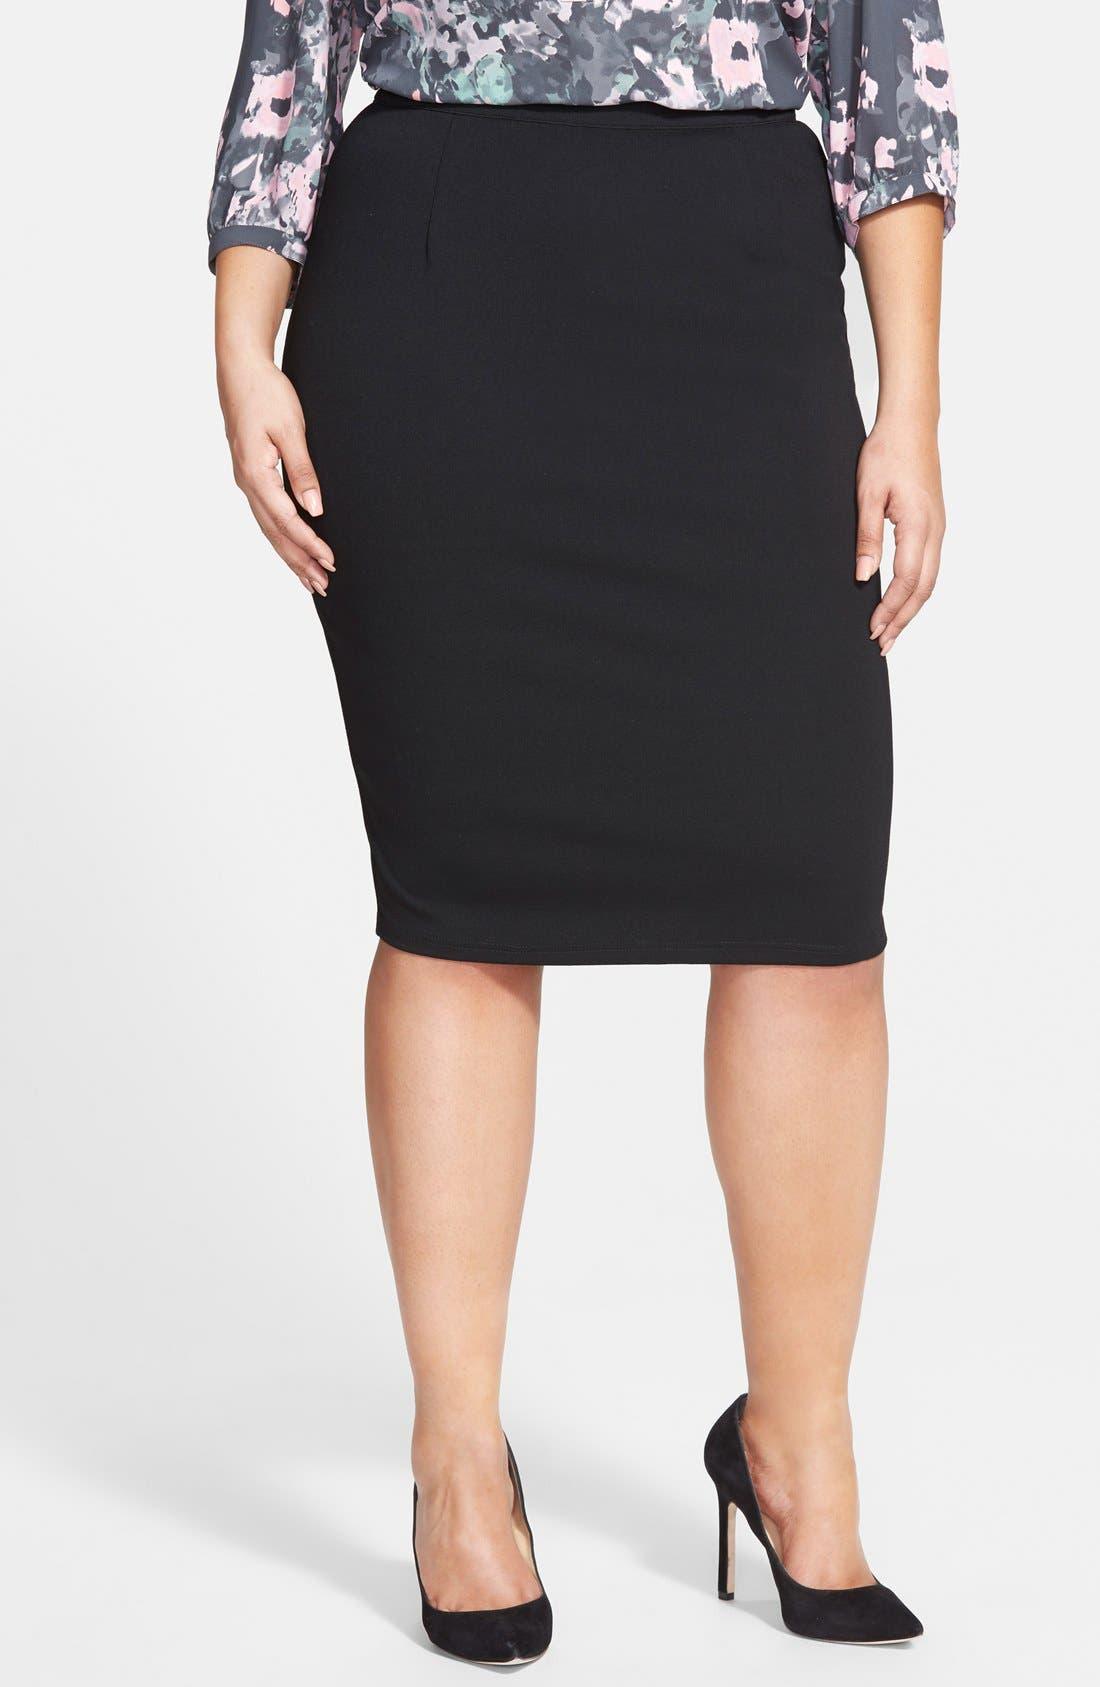 CITY CHIC Back Zip Tube Skirt, Main, color, BLACK